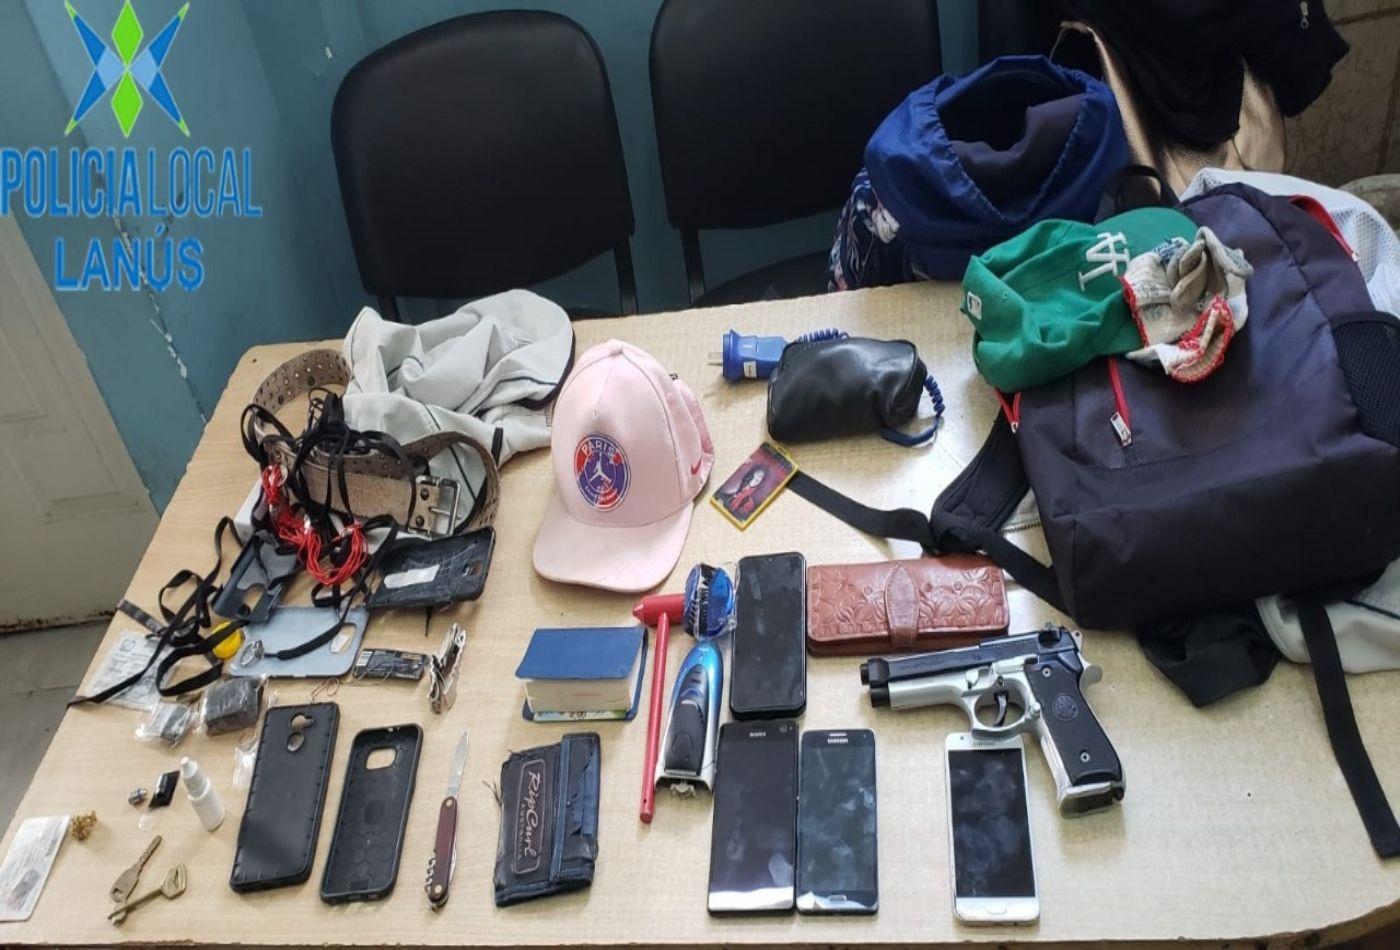 tres ladrones detenidos en lanus: vecinos los reconocieron cuando merodeaban el barrio